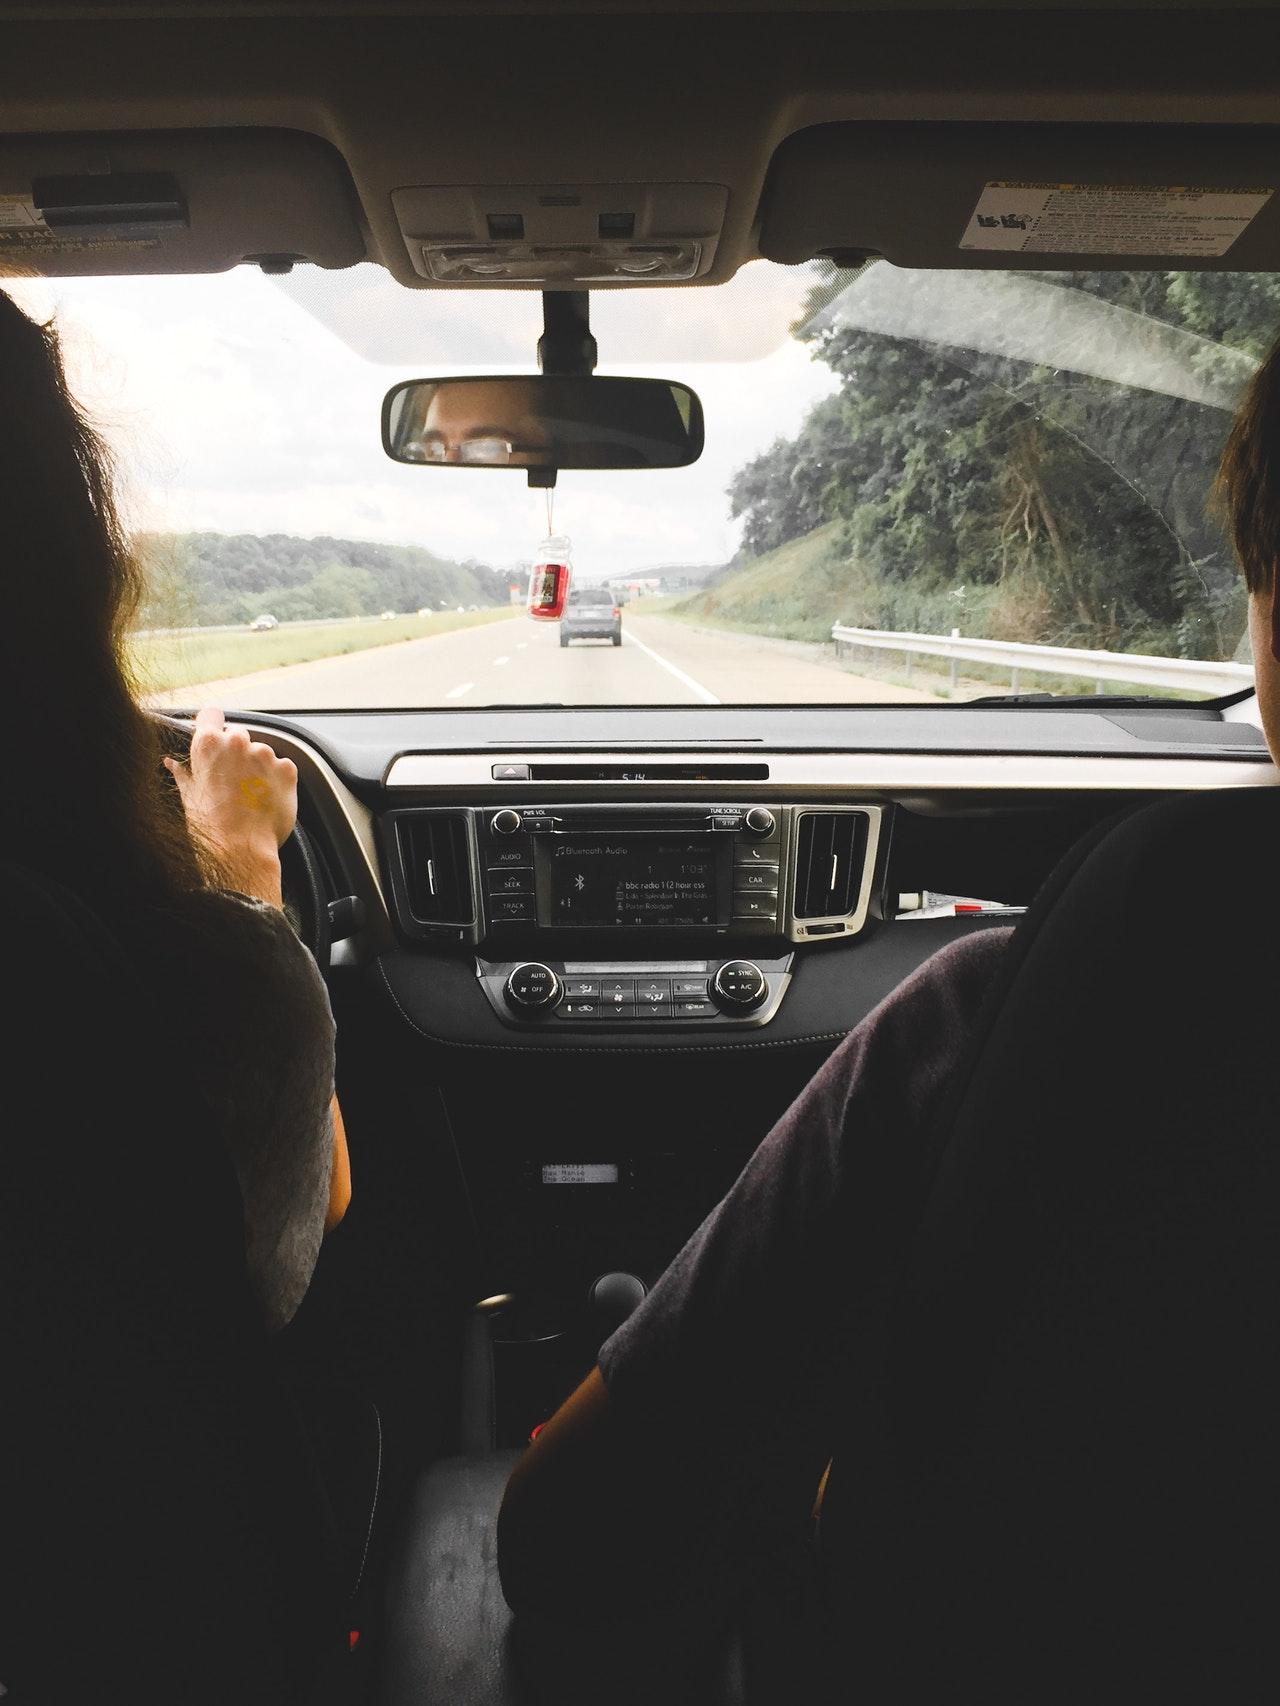 Pareja conduciendo en carretera